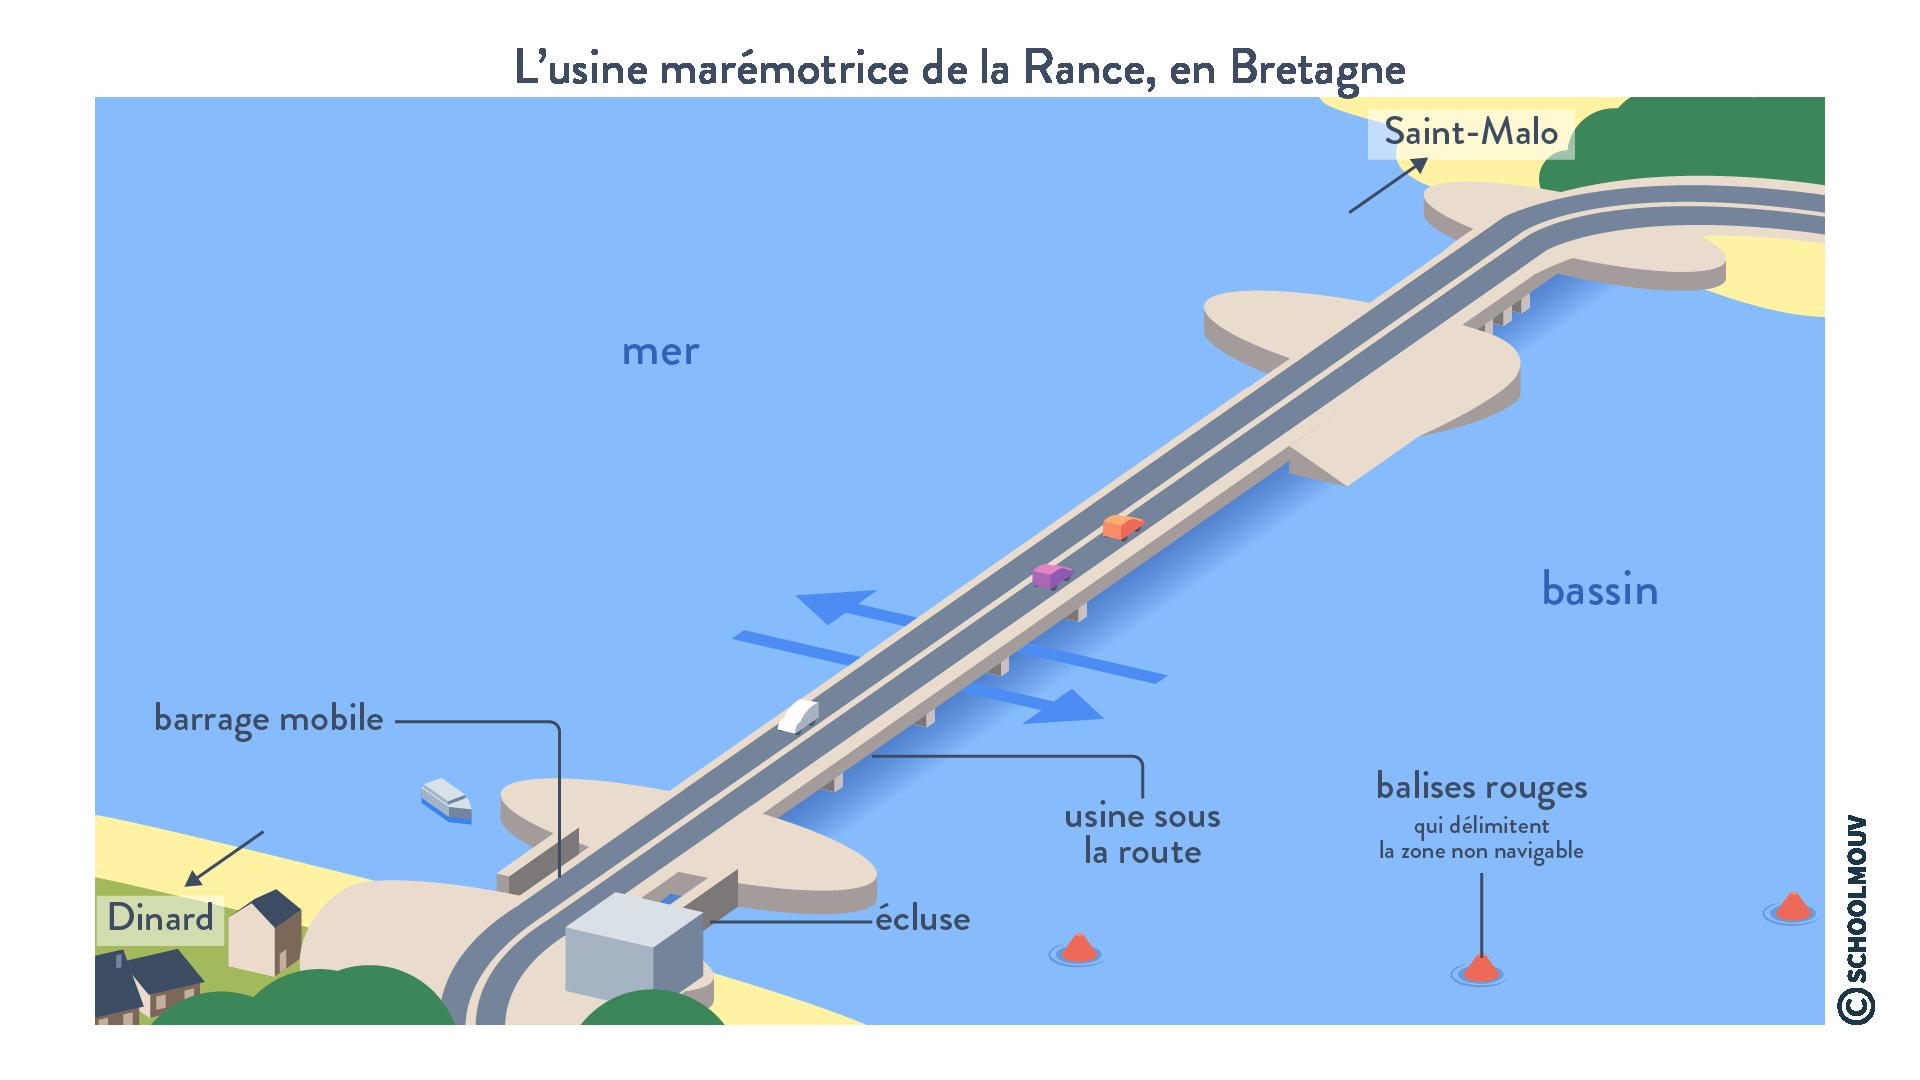 La Rance usine marémotrice - géographie - terminale - SchoolMouv